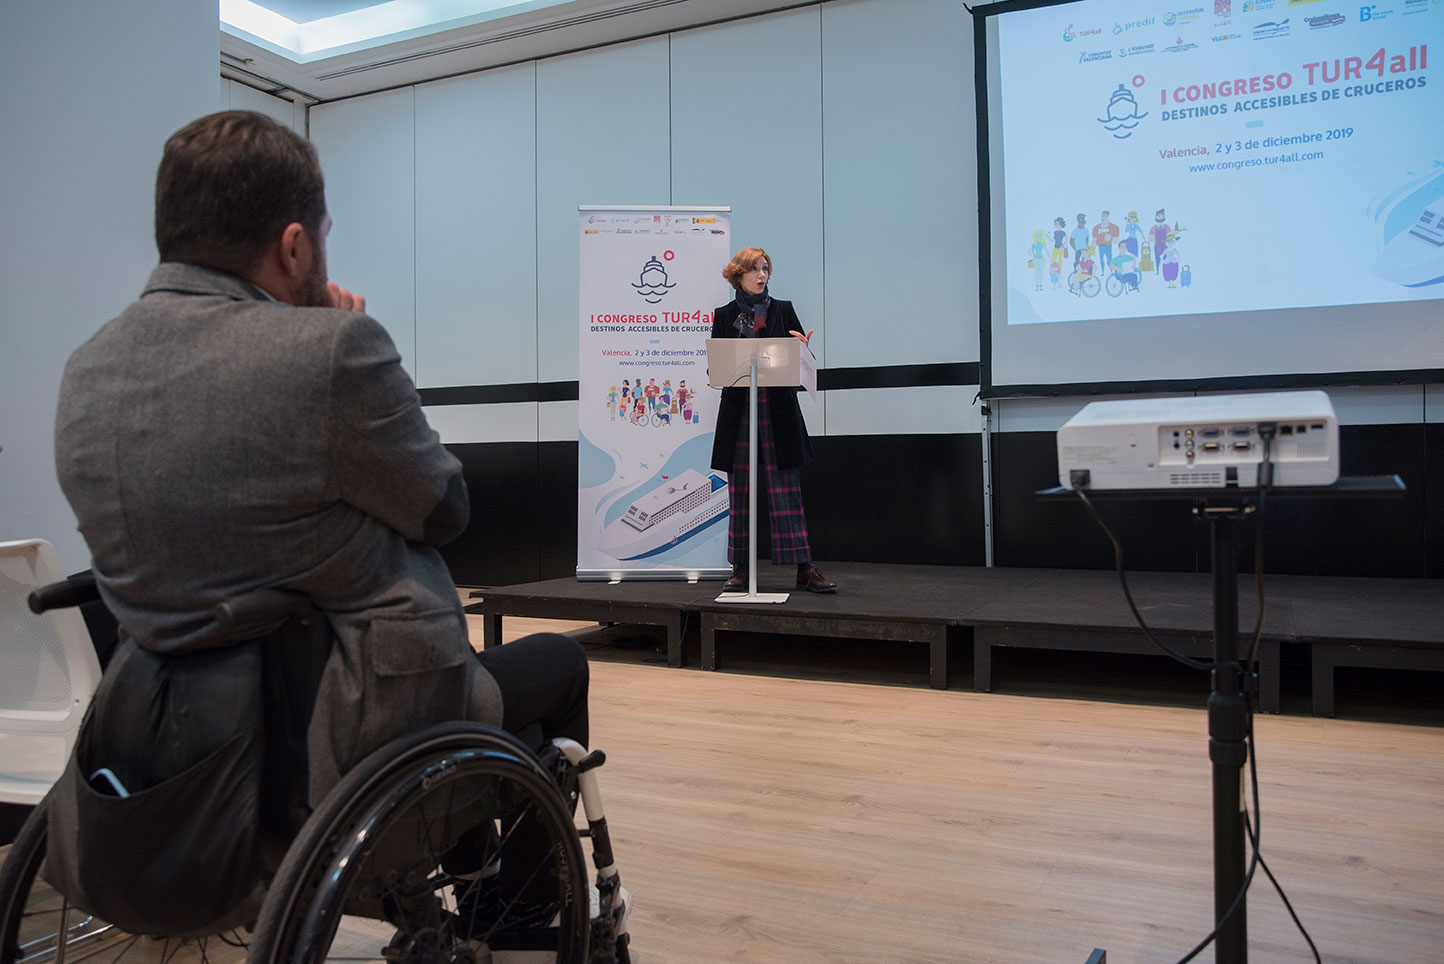 Mrs-Isabel-Oliver-Sagreras-Secretary-State-for-Tourism- Presentation-Congress-Madrid-in-November